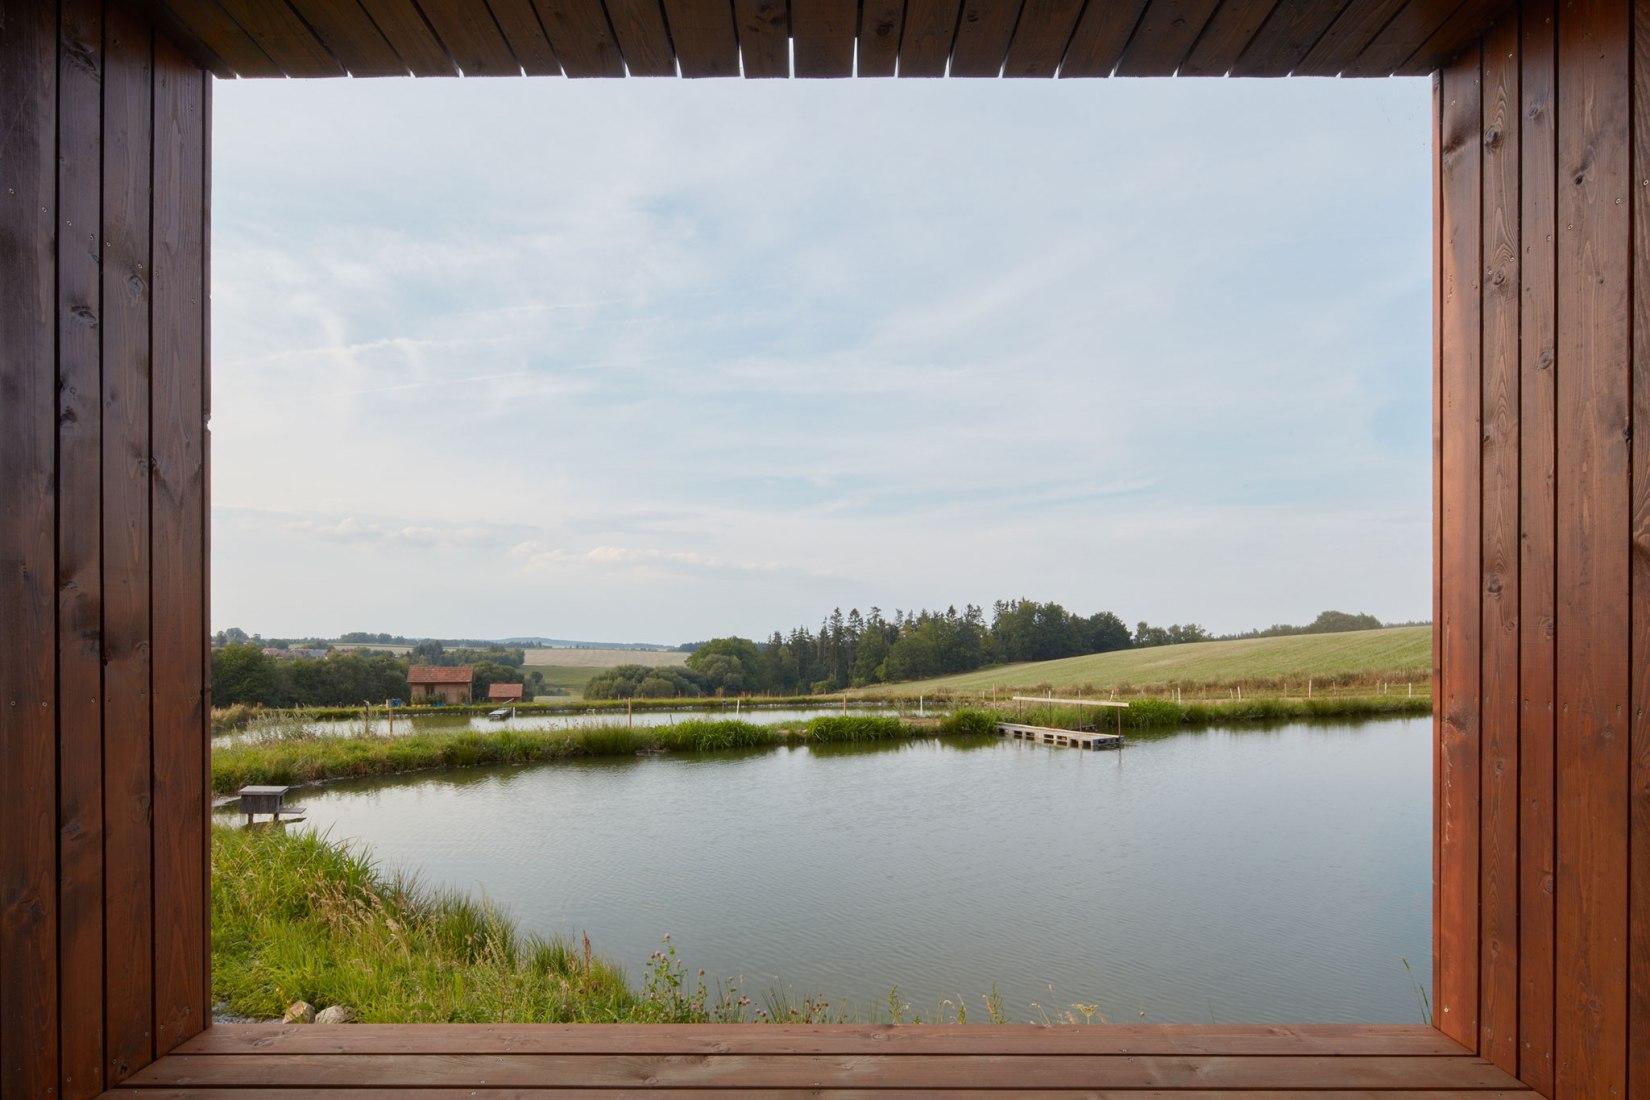 Cottage Near a Pond by Jiří Weinzettl. Photograph by Jakub Skokan, Martin Tůma / BoysPlayNice